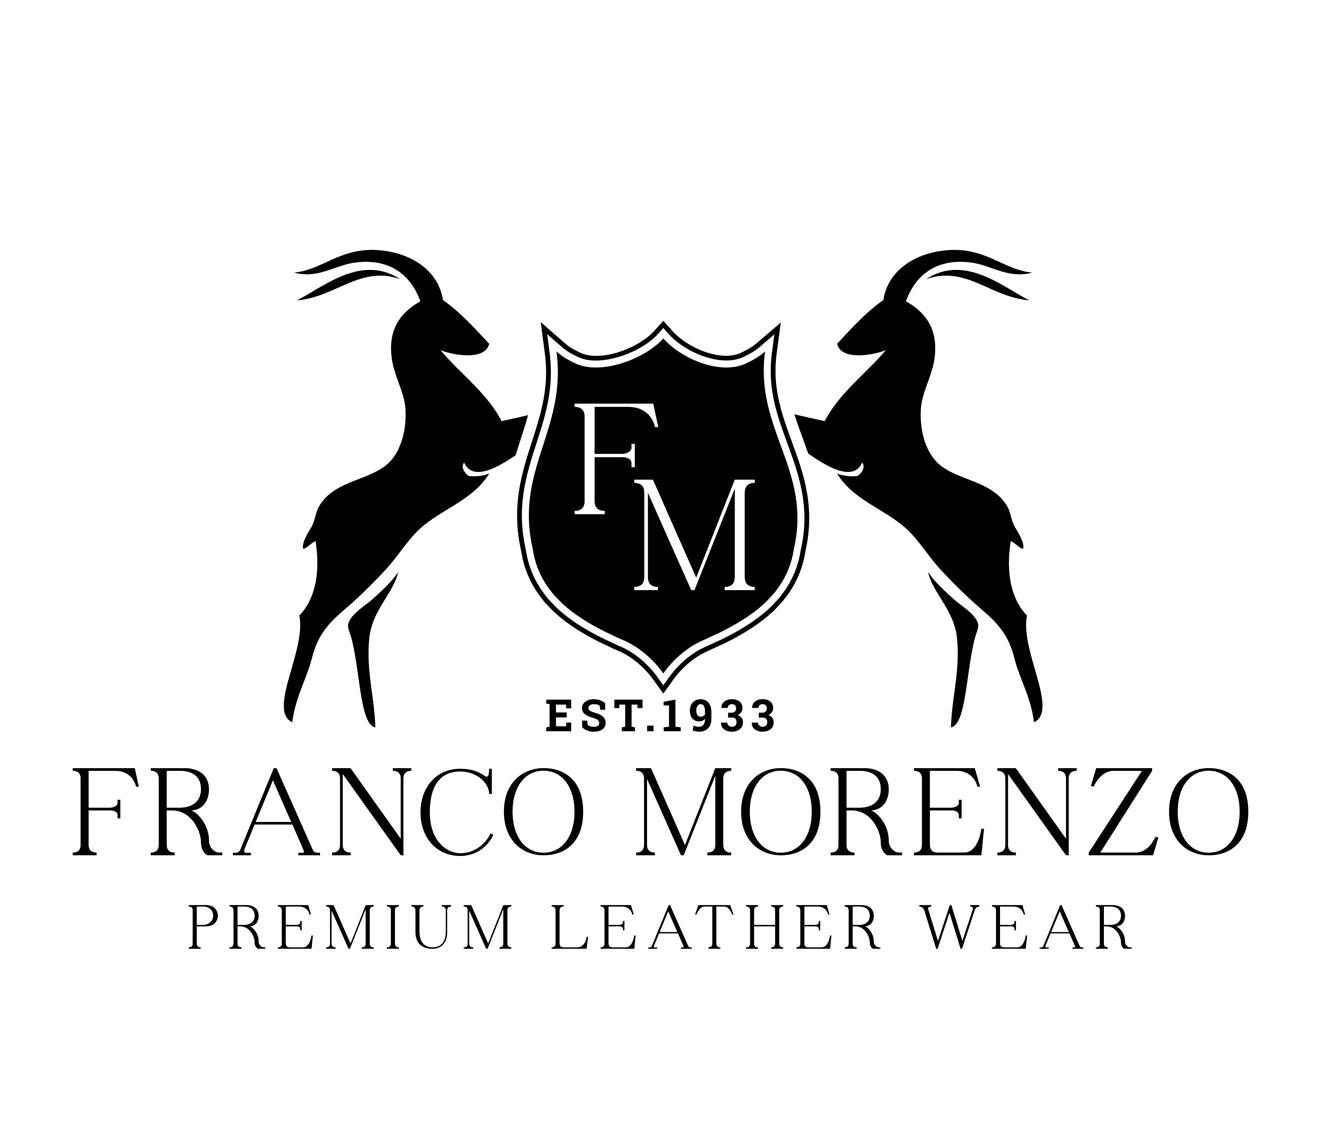 Franco Morenzo